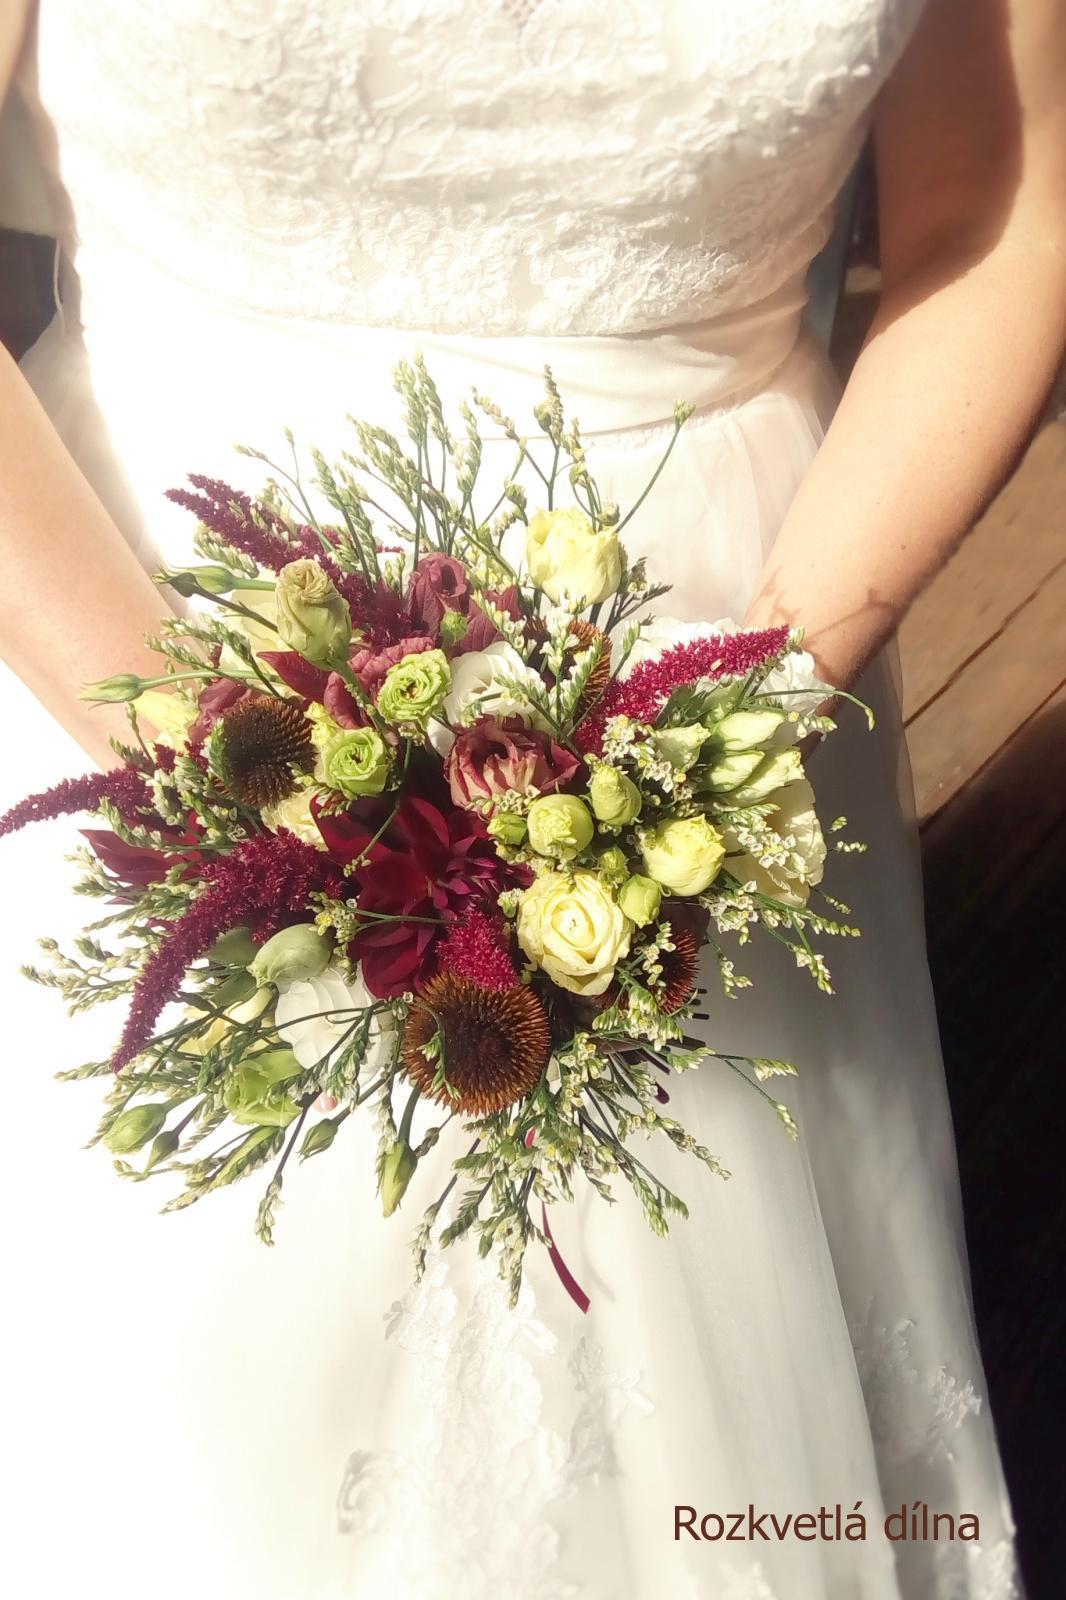 Léto se nám už stáčí k podzimu a s ním přicházejí ty krásné barevné a zemité svatby. Podzimní nevěsty, jaké máte v plánu barvy na tento podzim? Vkládám příklady z minulých let, které vznikly v mé dílně. Pokud byste potřebovaly květiny ještě na tento rok, napište, termíny ještě mám jak na podzim, tak na zimu. Otevřená je rezervace i na rok 2022. - Obrázek č. 2